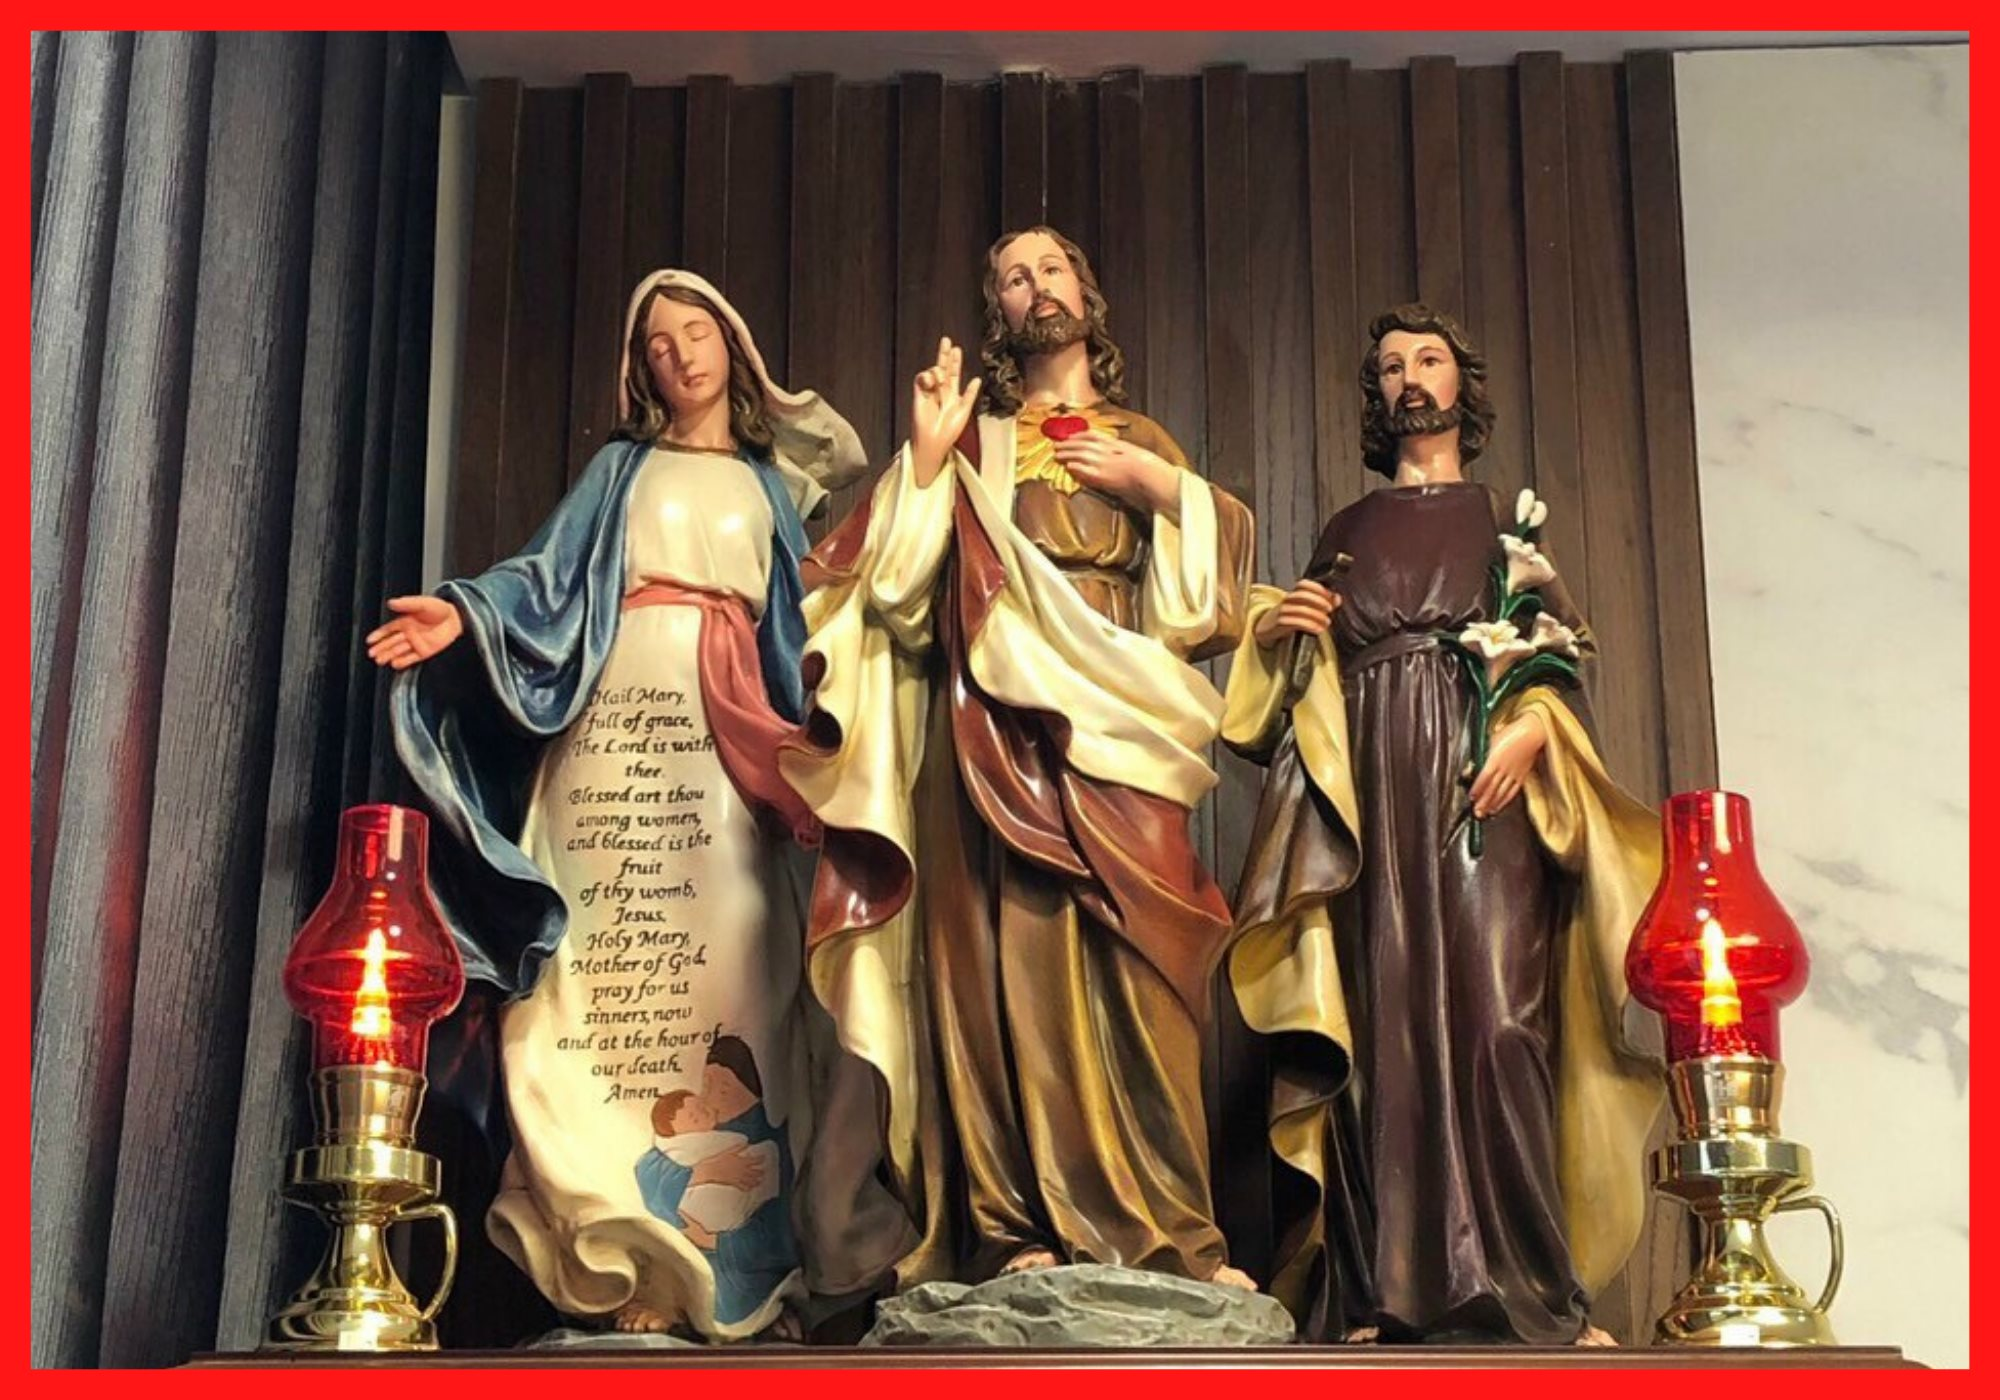 Bàn Thờ Công Giáo Beconi được sản xuất và kết hợp nhiều những nguyên liệu khác nhau, đa dạng mẫu bàn thờ, mẫu tượng ảnh chất lượng cao. Mẫu Bàn Thờ Chúa cao cấp bằng gỗ, bằng kính, treo tường, những mẫu bàn thờ gia đình hiện đại, hay bàn thờ chúa được chế tác bằng gốc cây, thêm các phụ kiện đèn led, hay đèn gỗ làm cho những Mẫu Bàn Thờ Chúa tại Beconi đẹp và được khách hàng tin cậy.